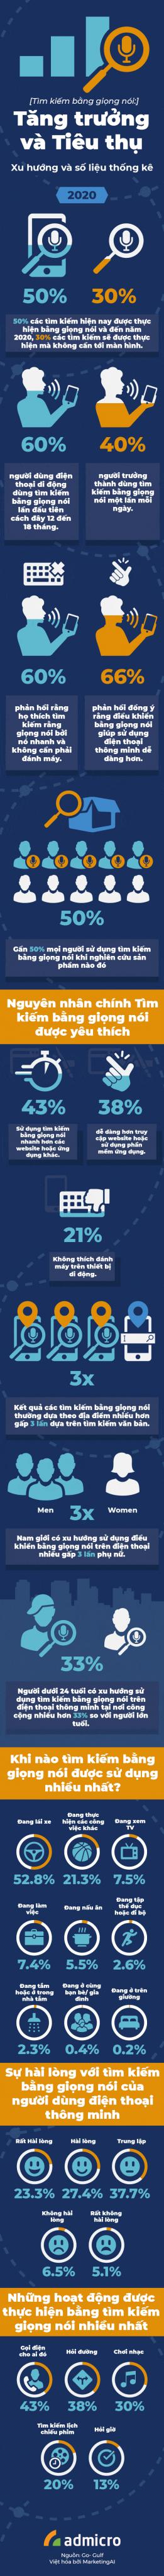 Infographic - Xu hướng tìm kiếm bằng giọng nói